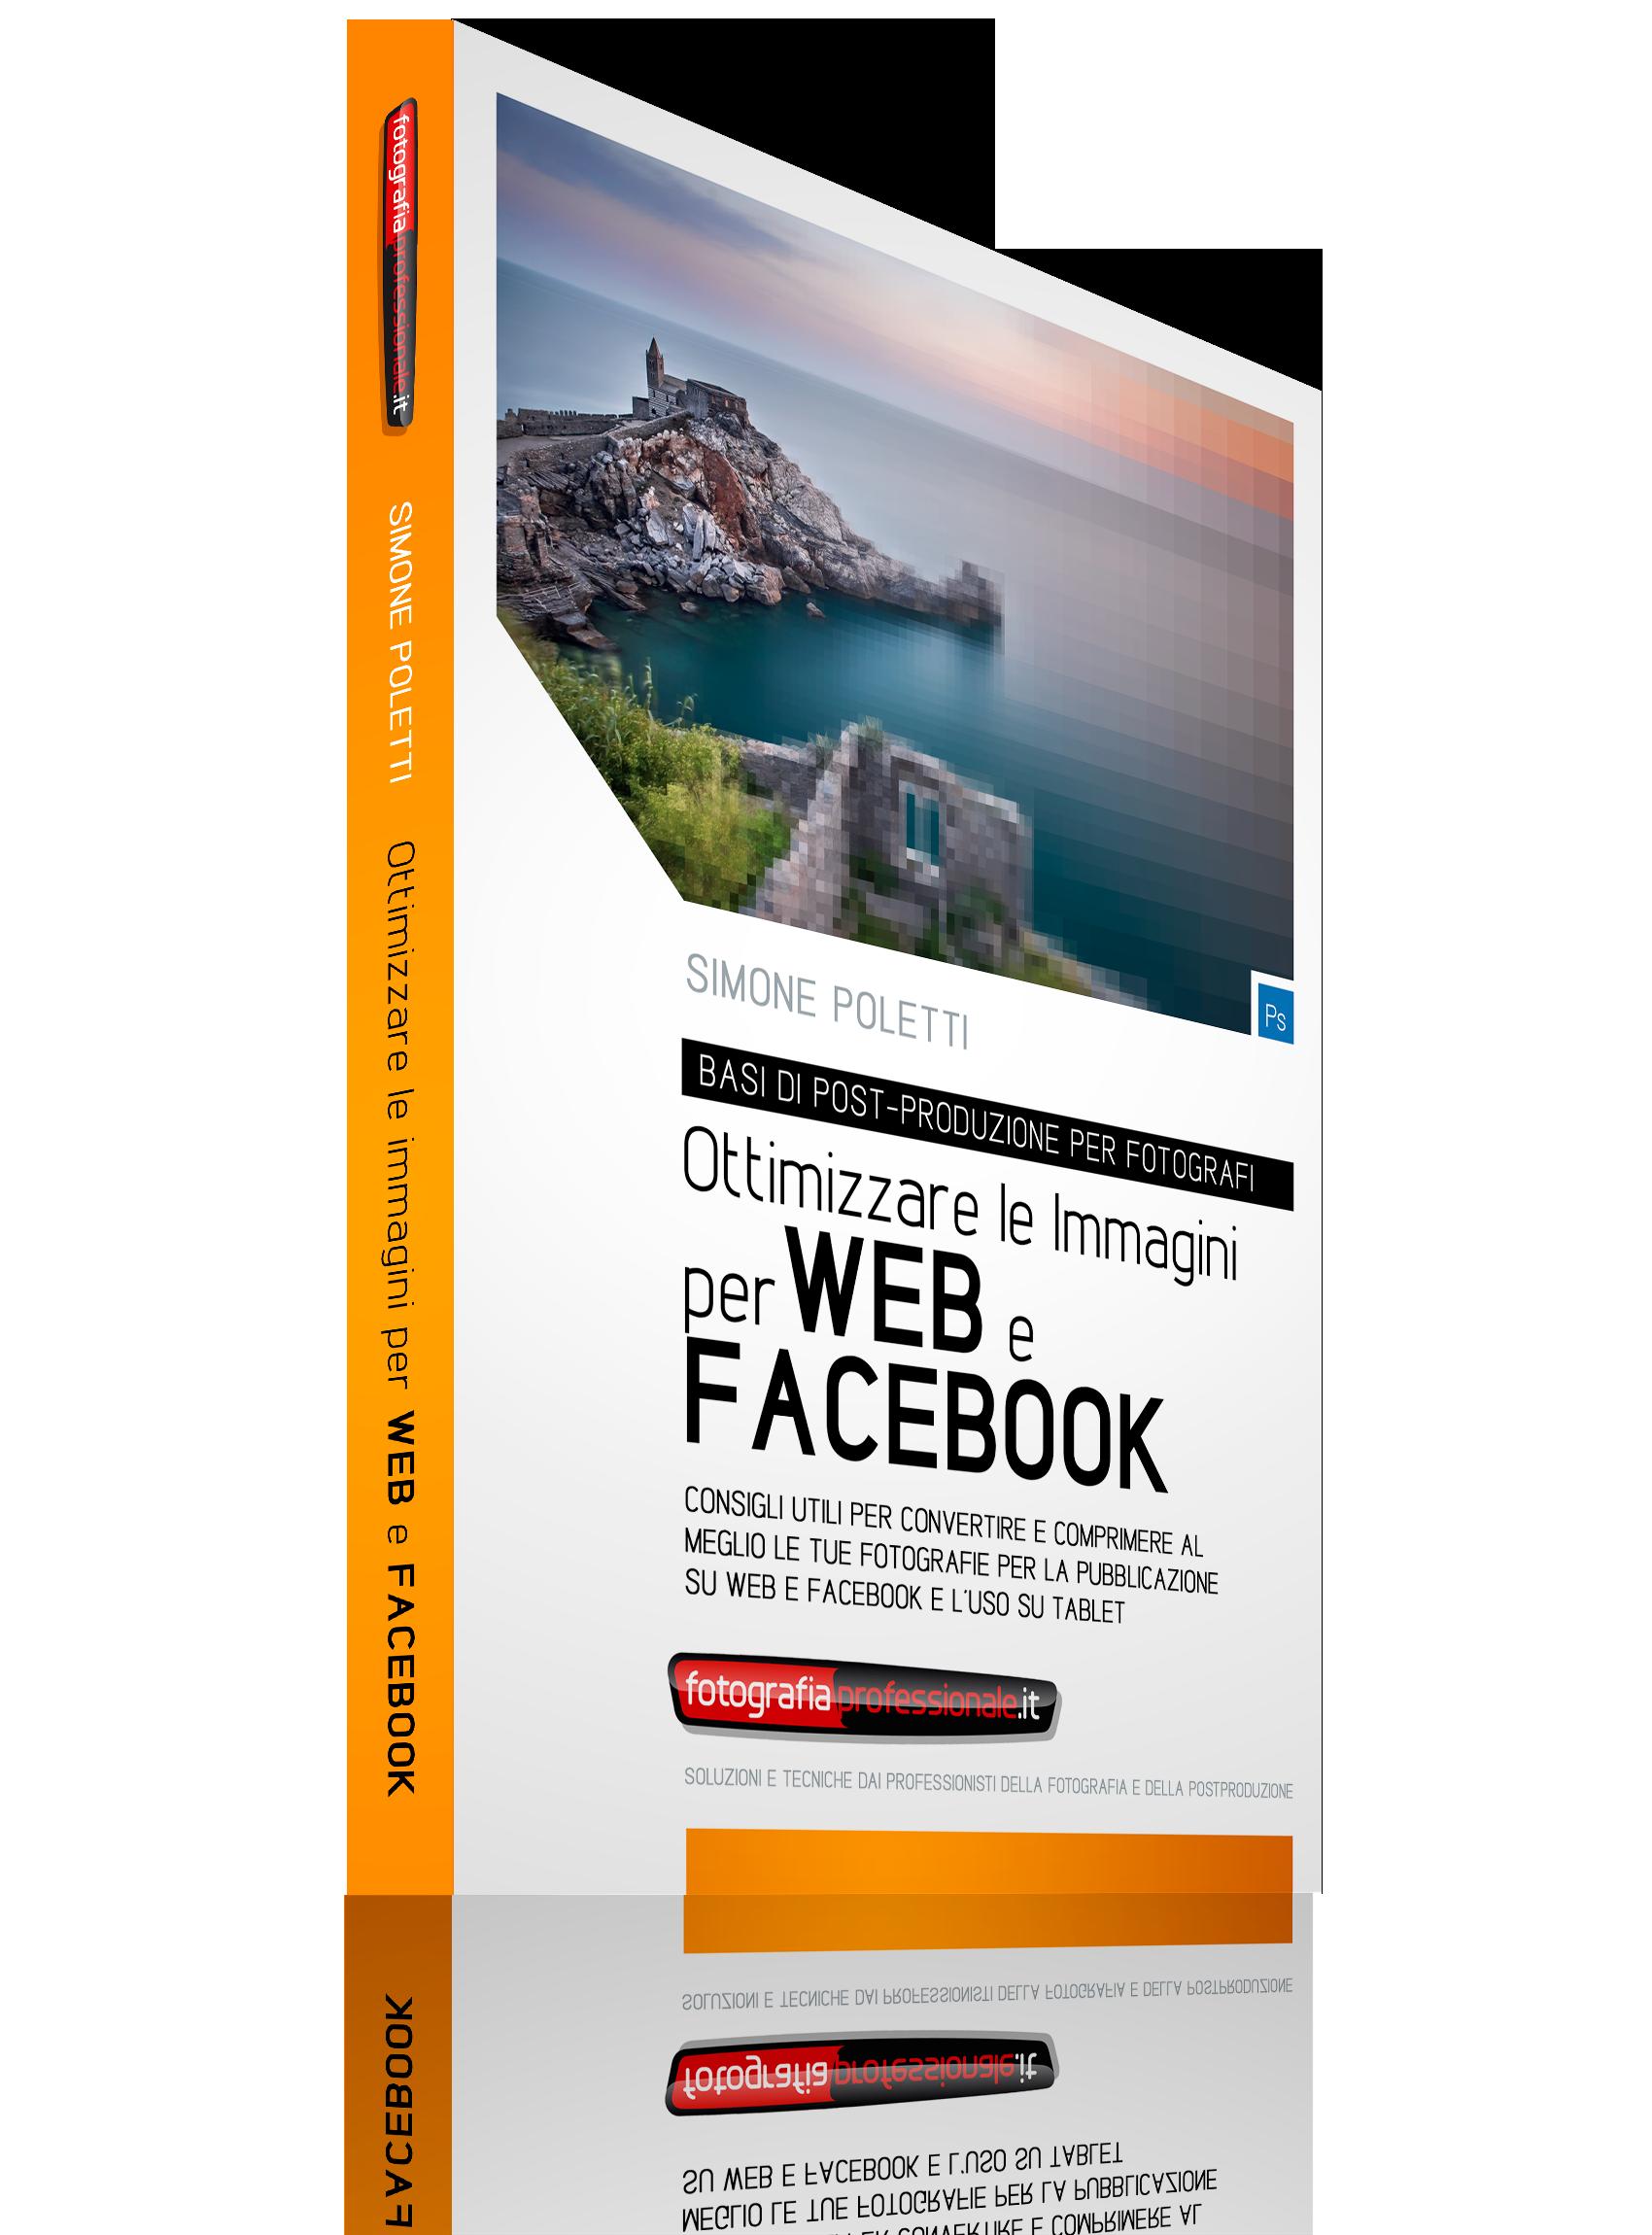 Ottimizzare le Immagini per Web e Facebook